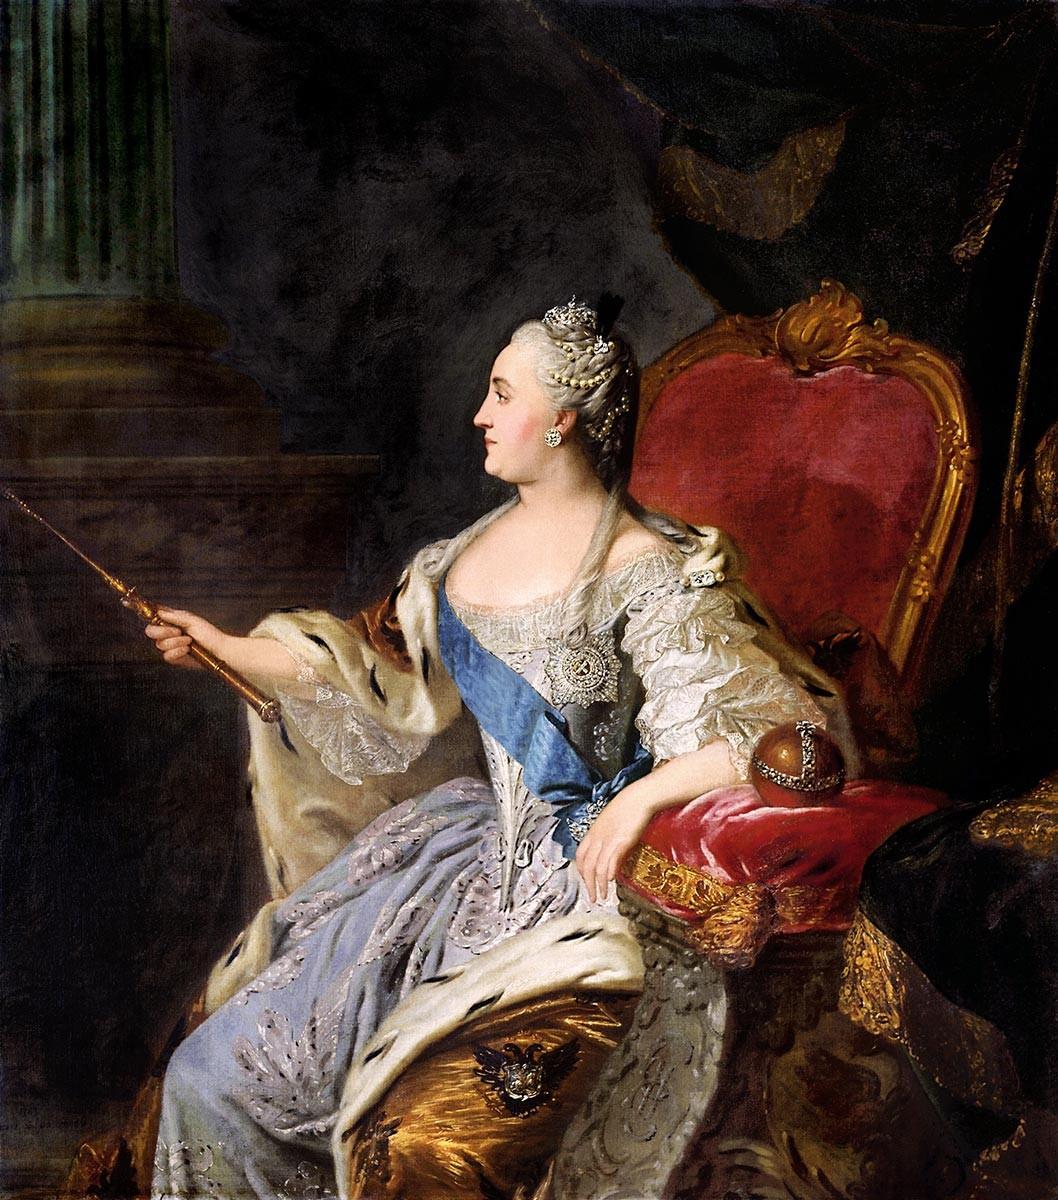 Портрет на Екатерина II, Ф. С. Рокотов, 1763 г.